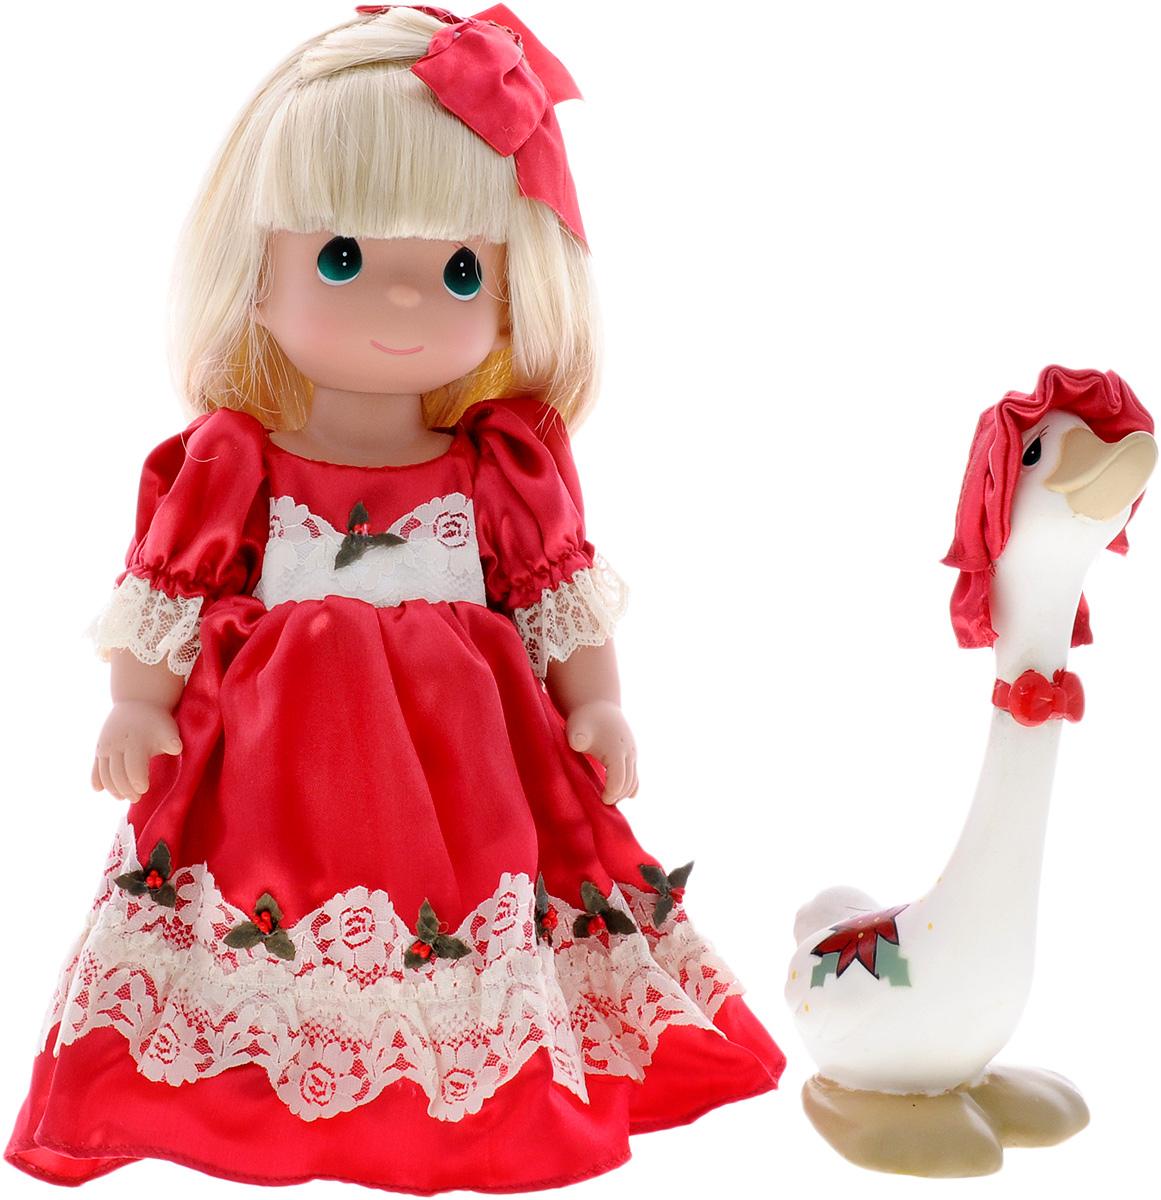 куклы и одежда для кукол precious кукла мир и гармония 30 см Precious Moments Кукла Рождество